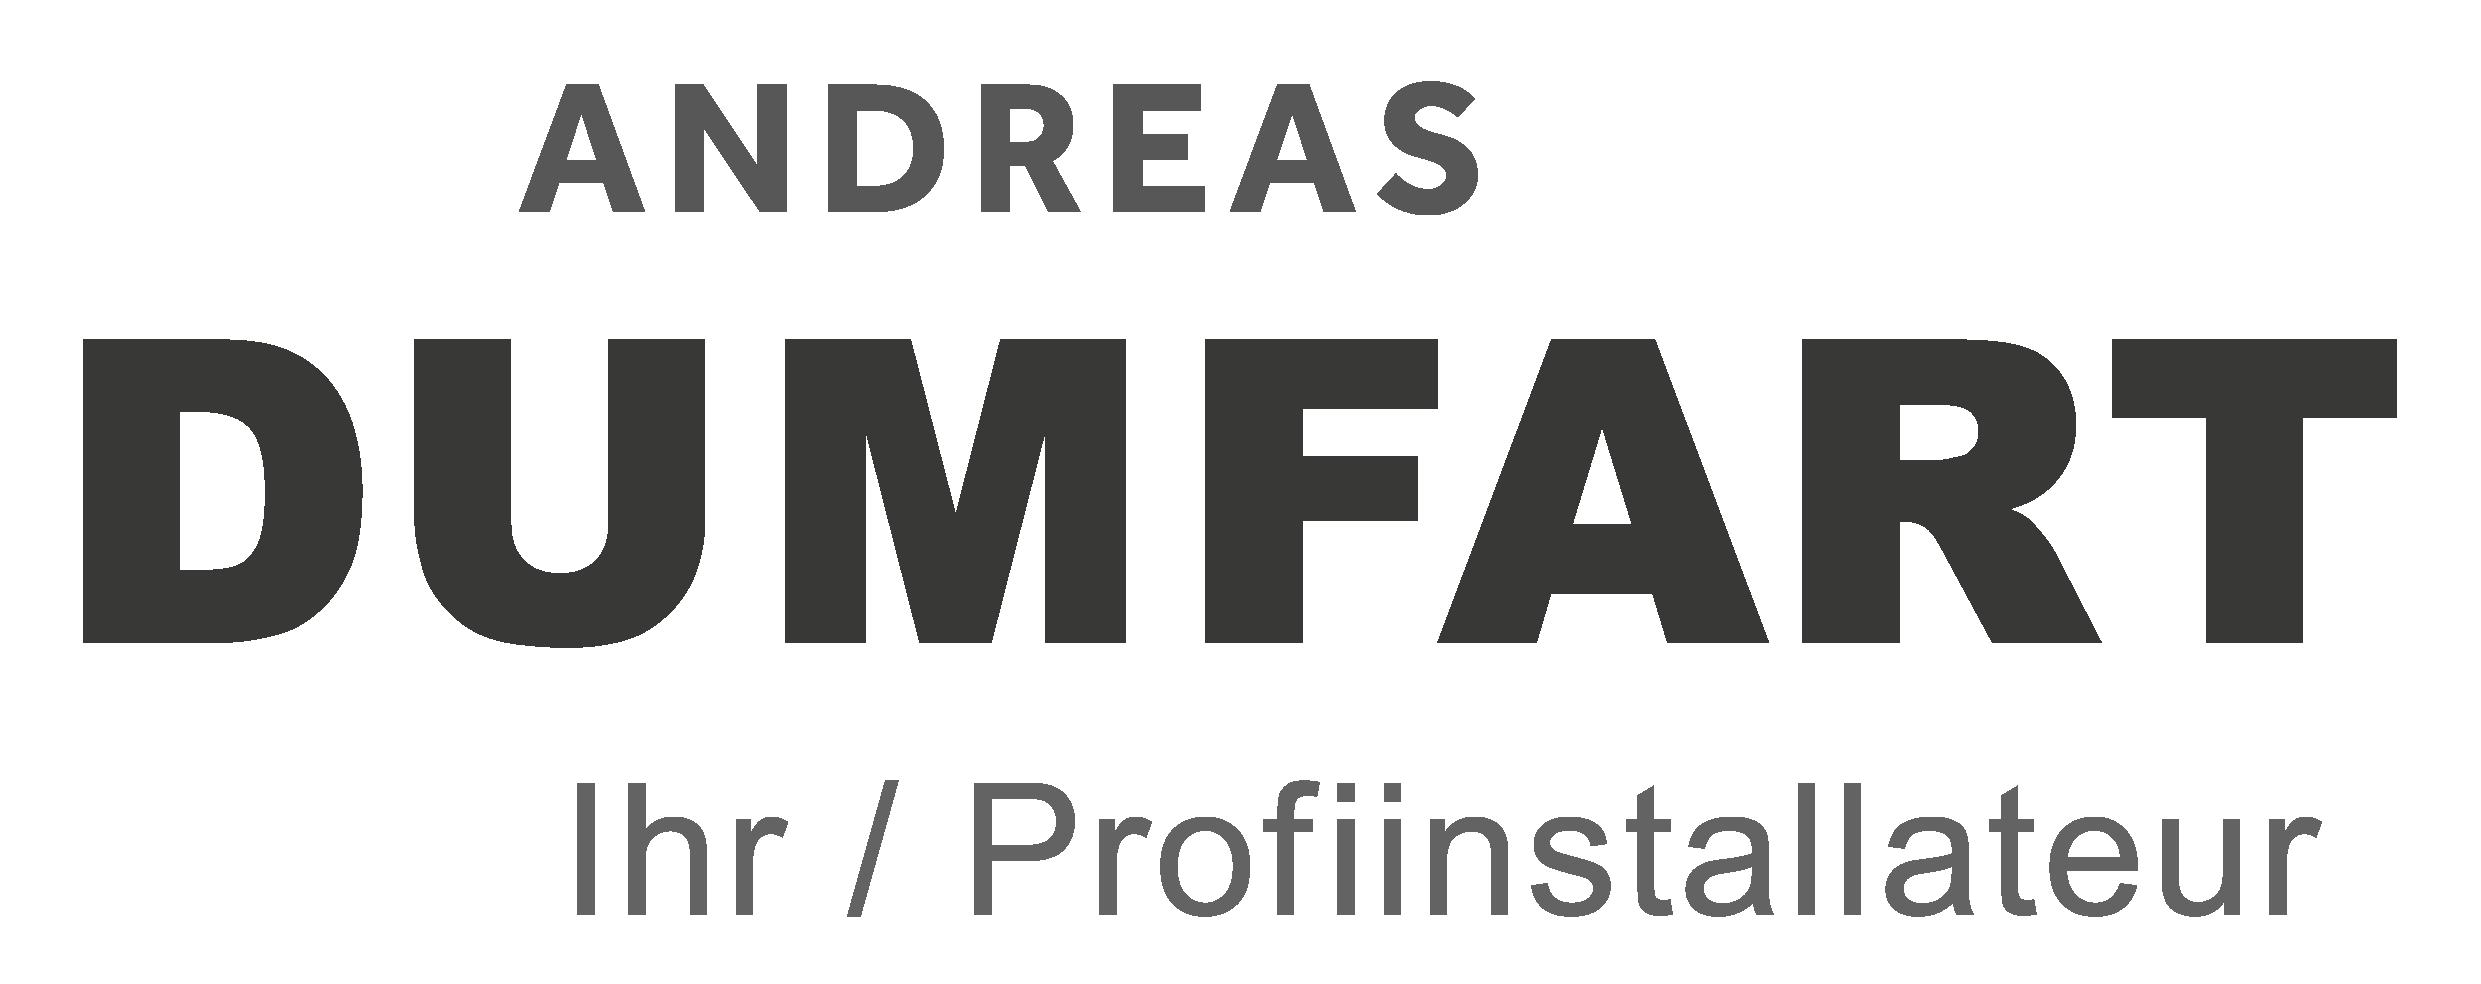 Andreas Dumfart GmbH - Ihr Profiinstallateur aus Ottensheim und Linz | Wir sind die Profi-Installateure für Wärme-, Gas- und Sanitärtechnik im oberösterreichischen Zentralraum. Unser Hauptaugenmerk liegt bei Wasser und Wärmetechnik